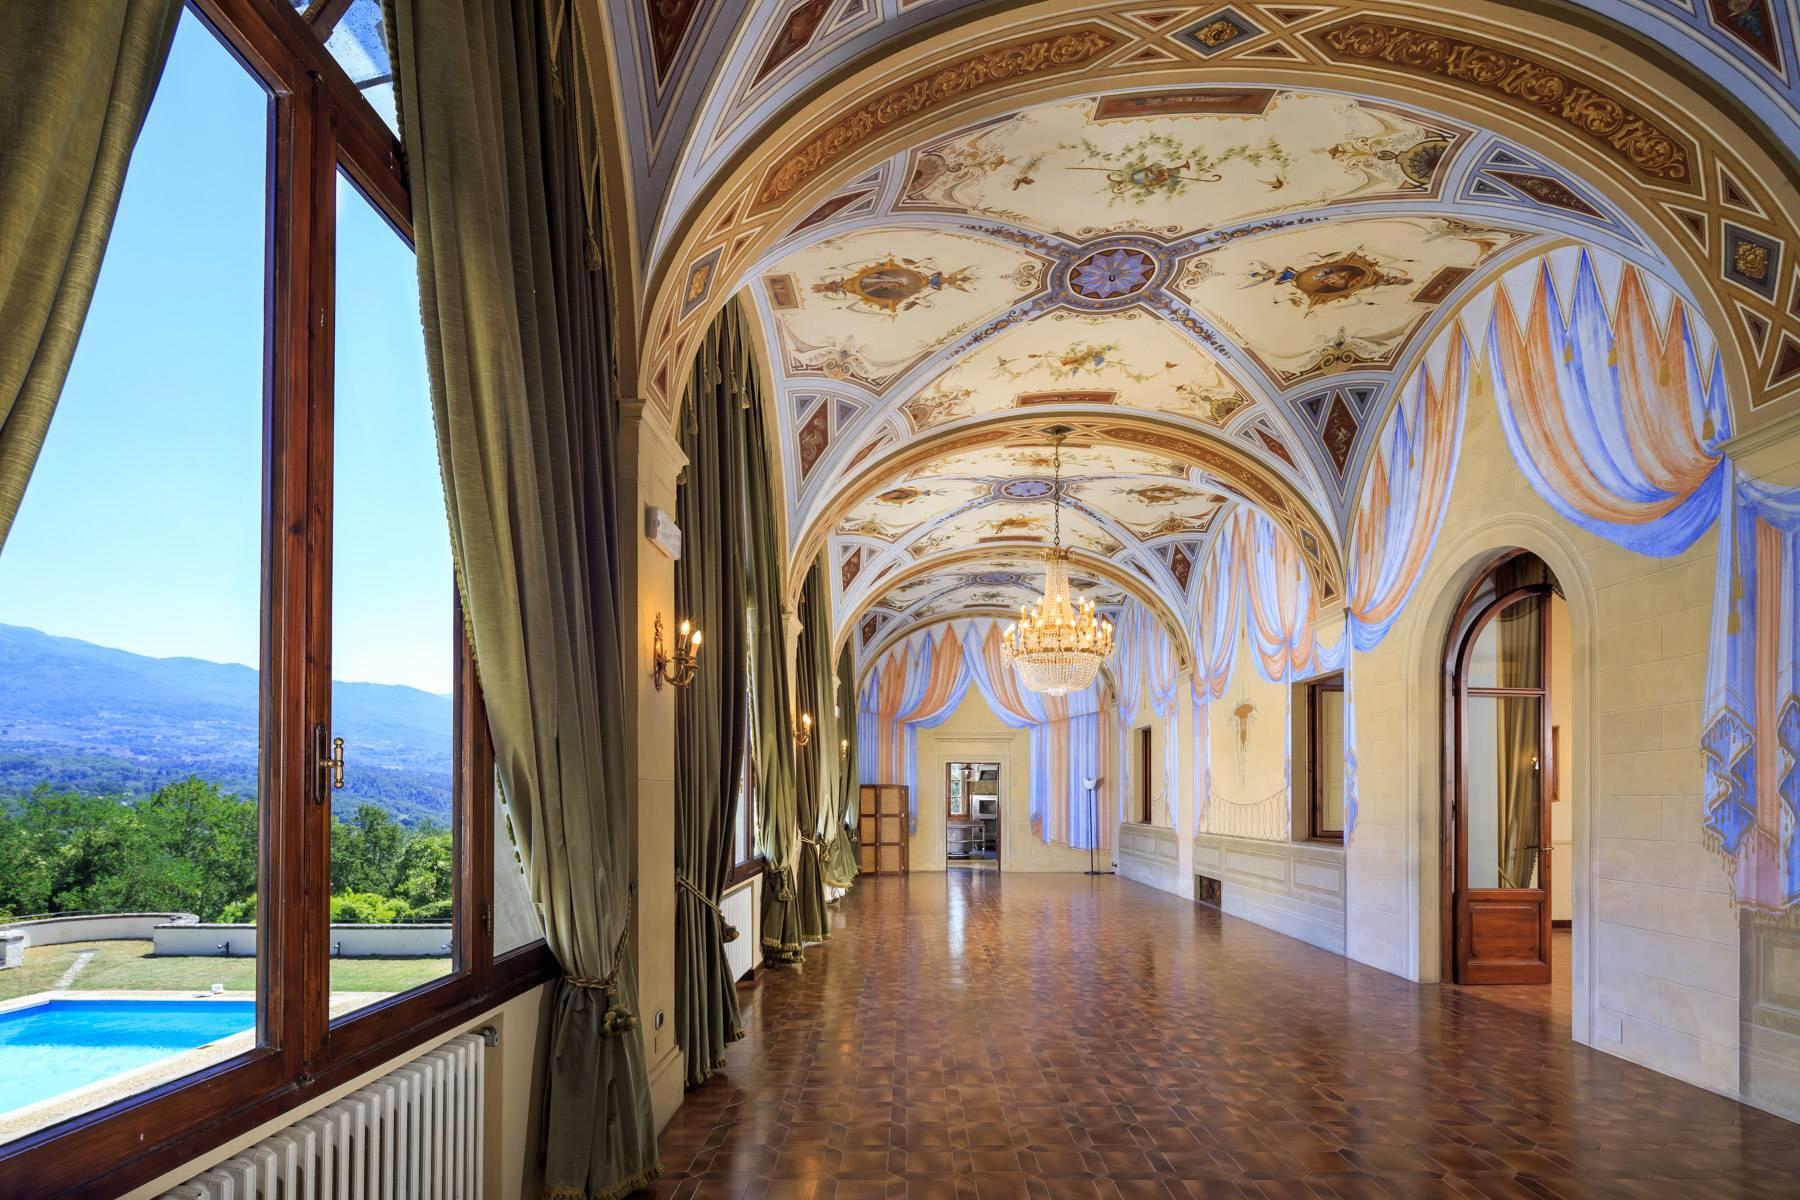 Hervorragendes Schloss auf den Hügeln von Florenz - 4